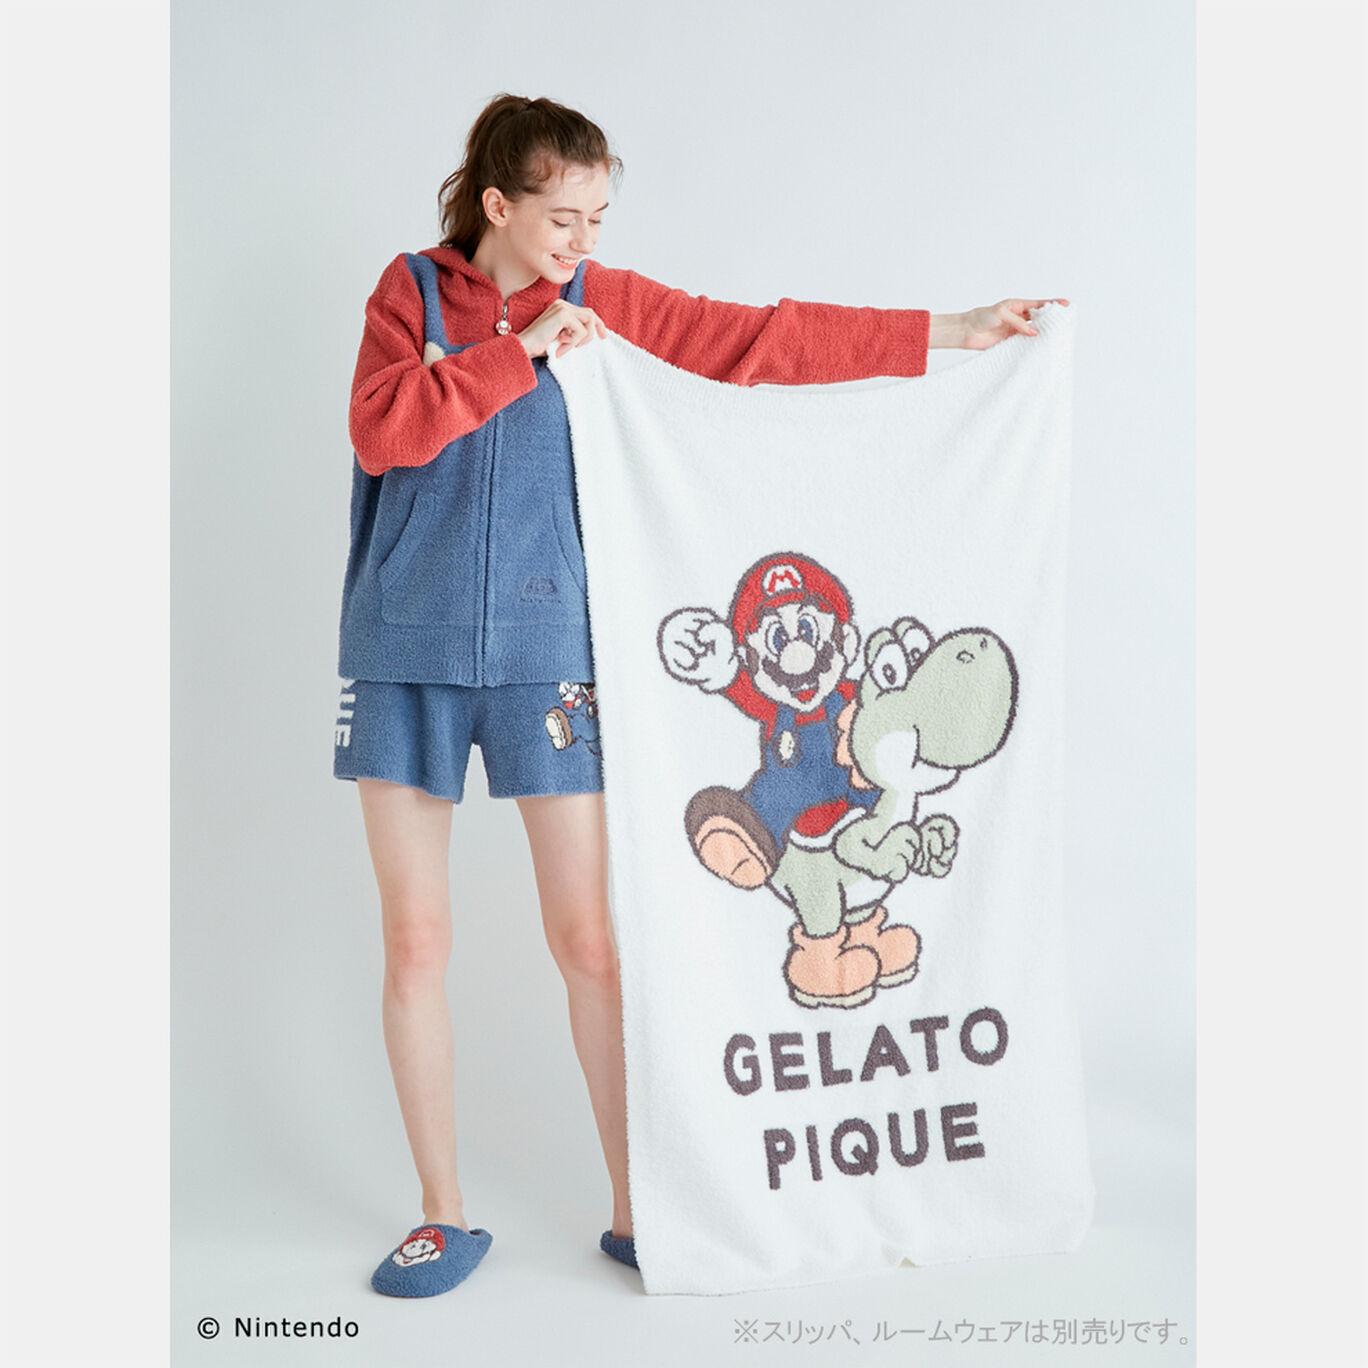 【スーパーマリオ】キャラクターブランケット OWHT(マリオ&ヨッシー)【SUPER MARIO meets GELATO PIQUE】